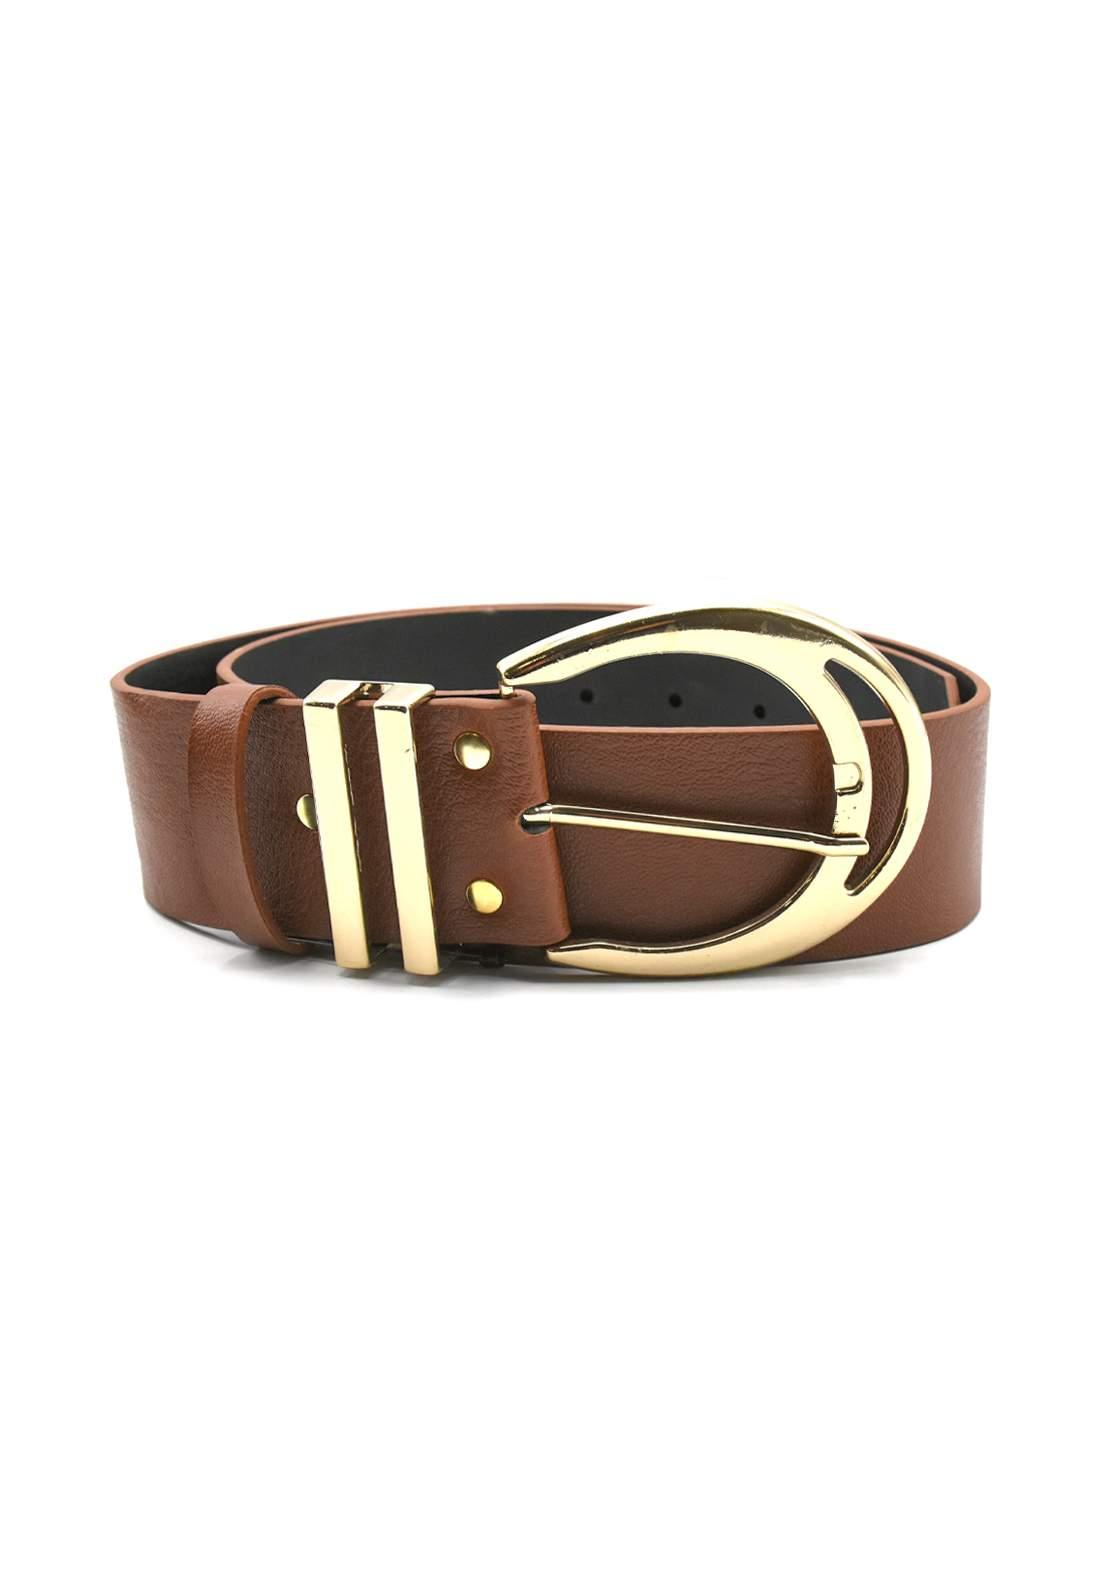 حزام نسائي جلد بني اللون بأبزيم ذهبي